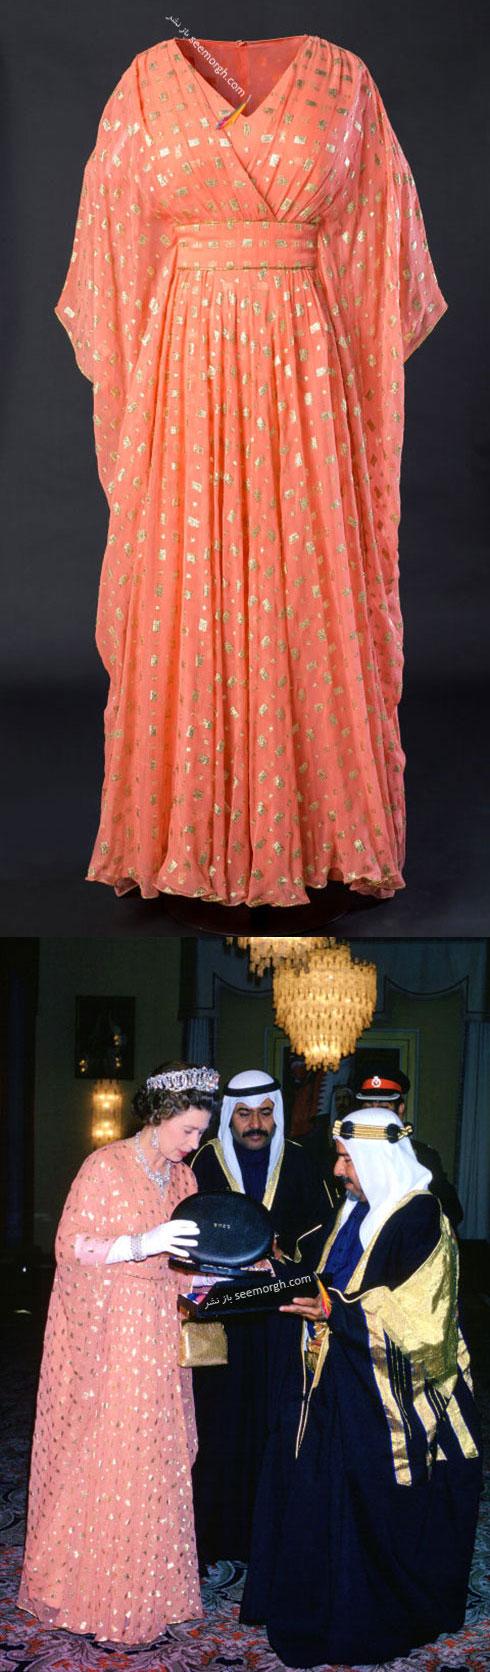 لباس ملکه الیزایت از کمپانی هاردی آمیس Hardy Amies